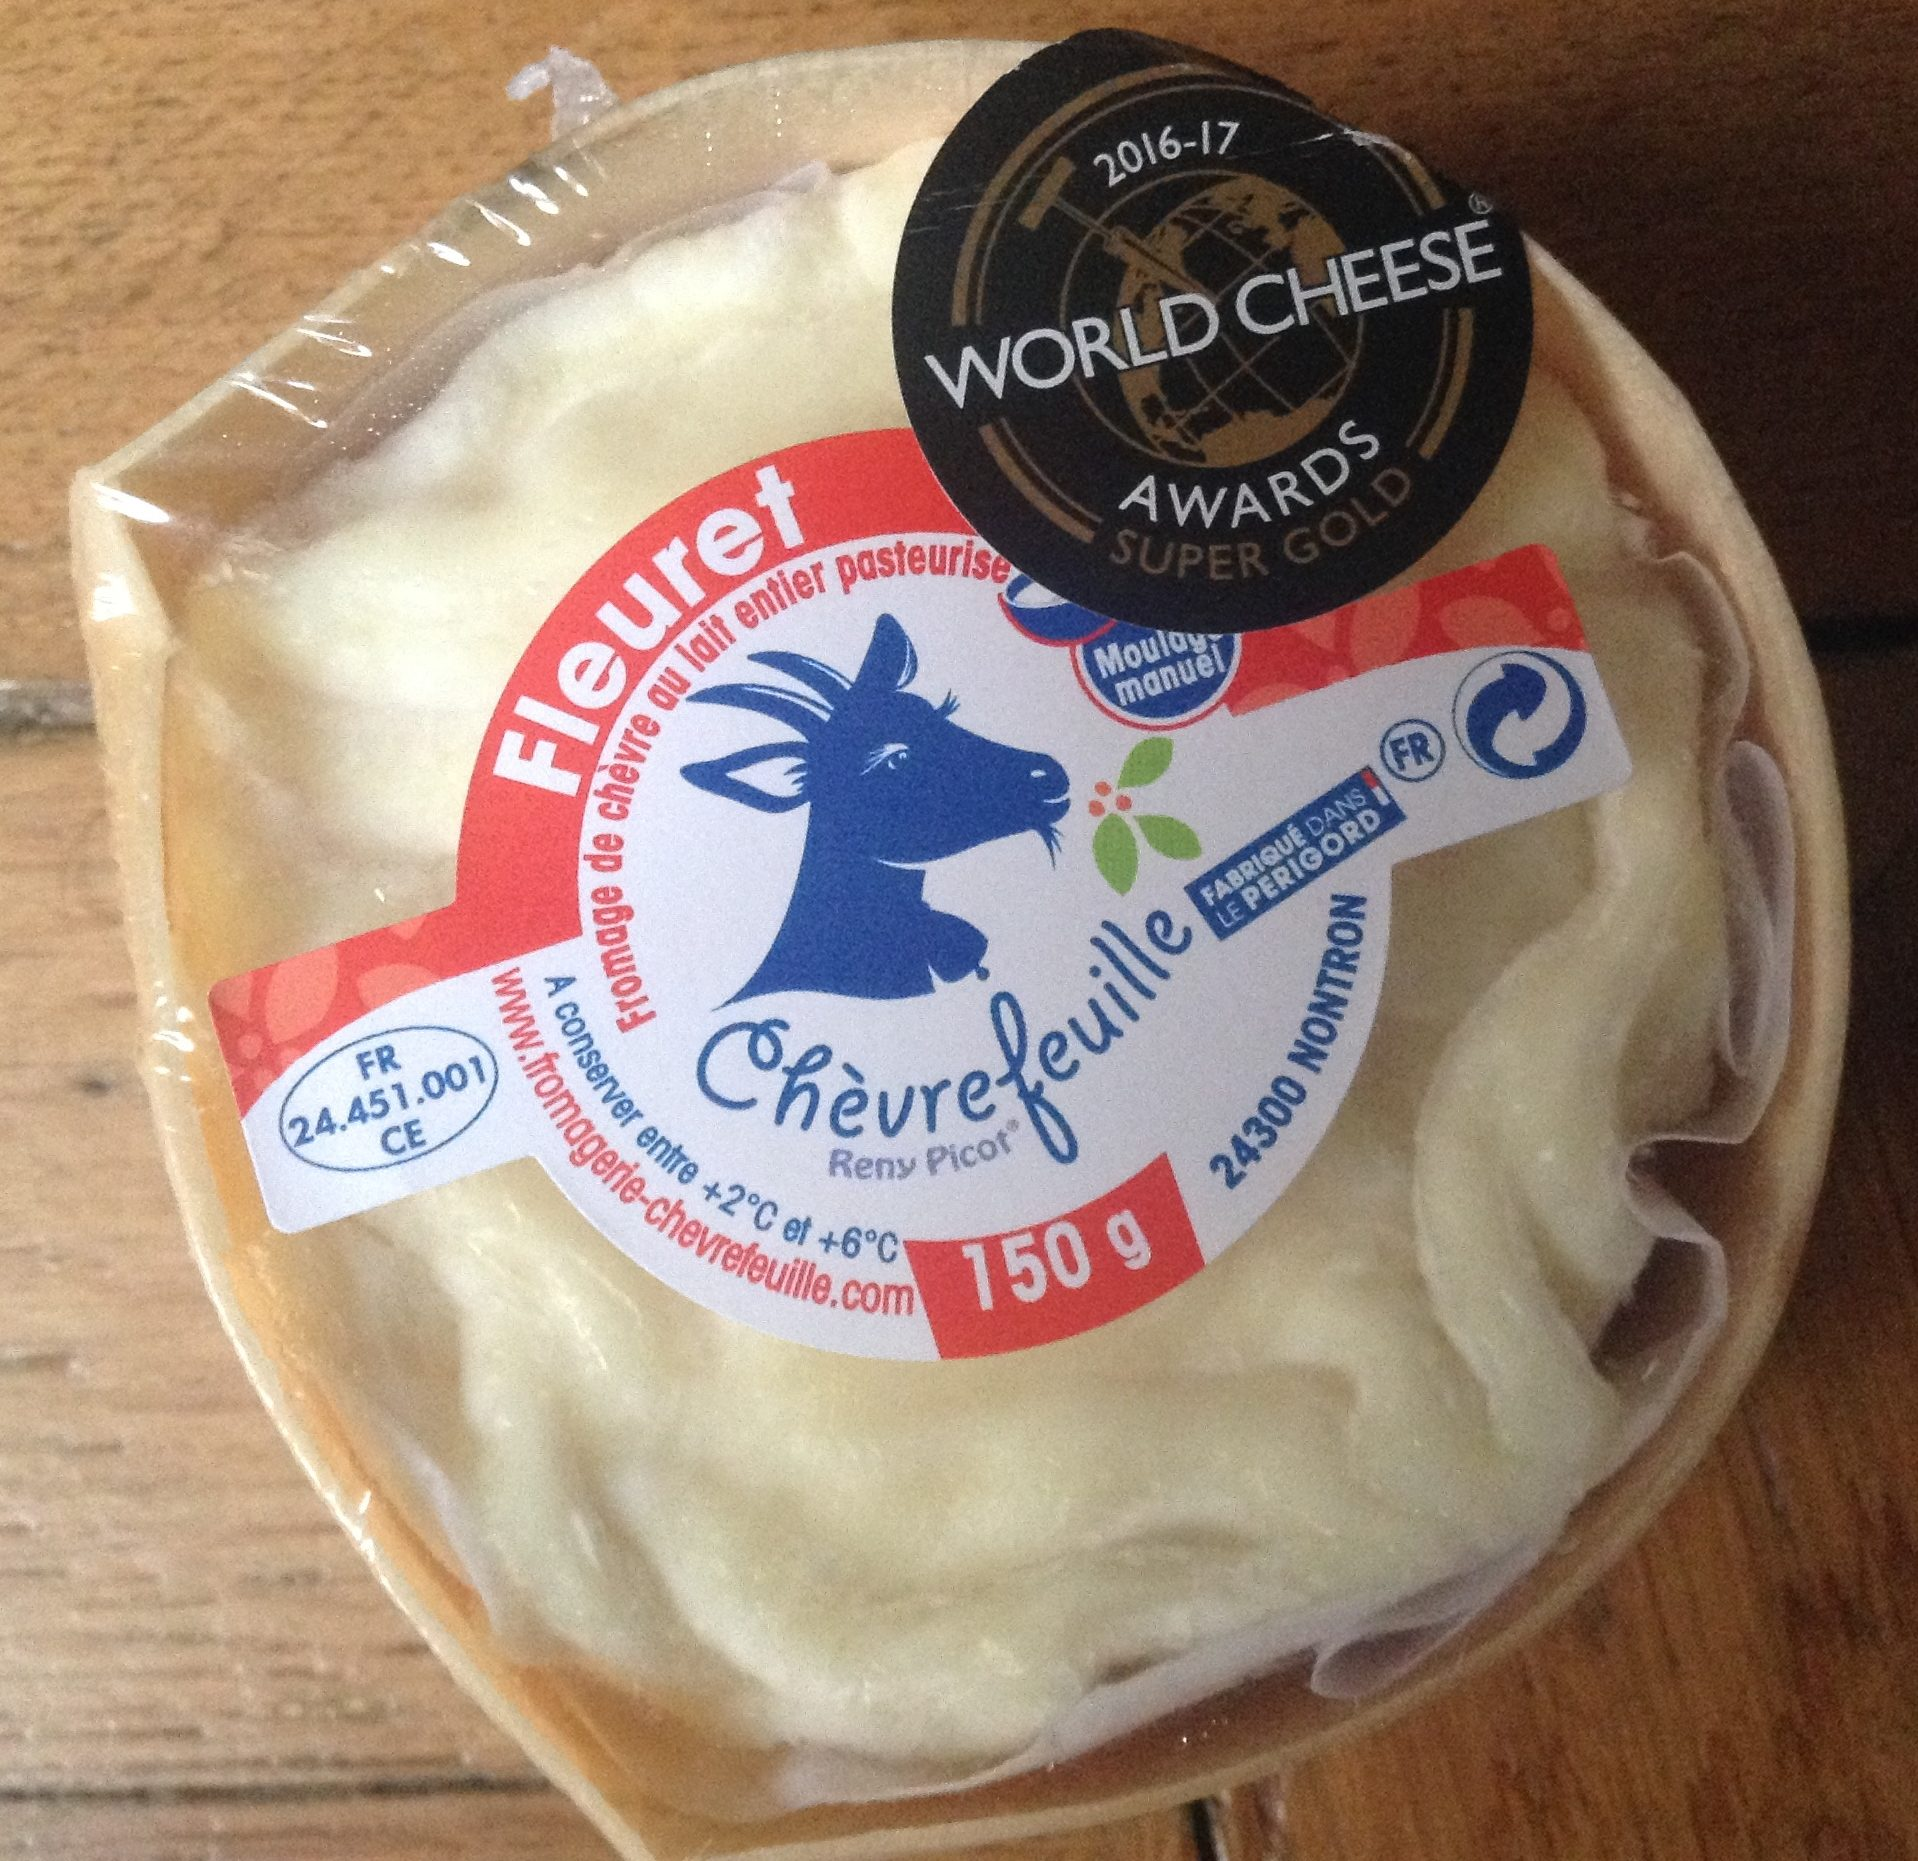 Fromage de chèvre au lait entier pasteurisé - Produit - fr